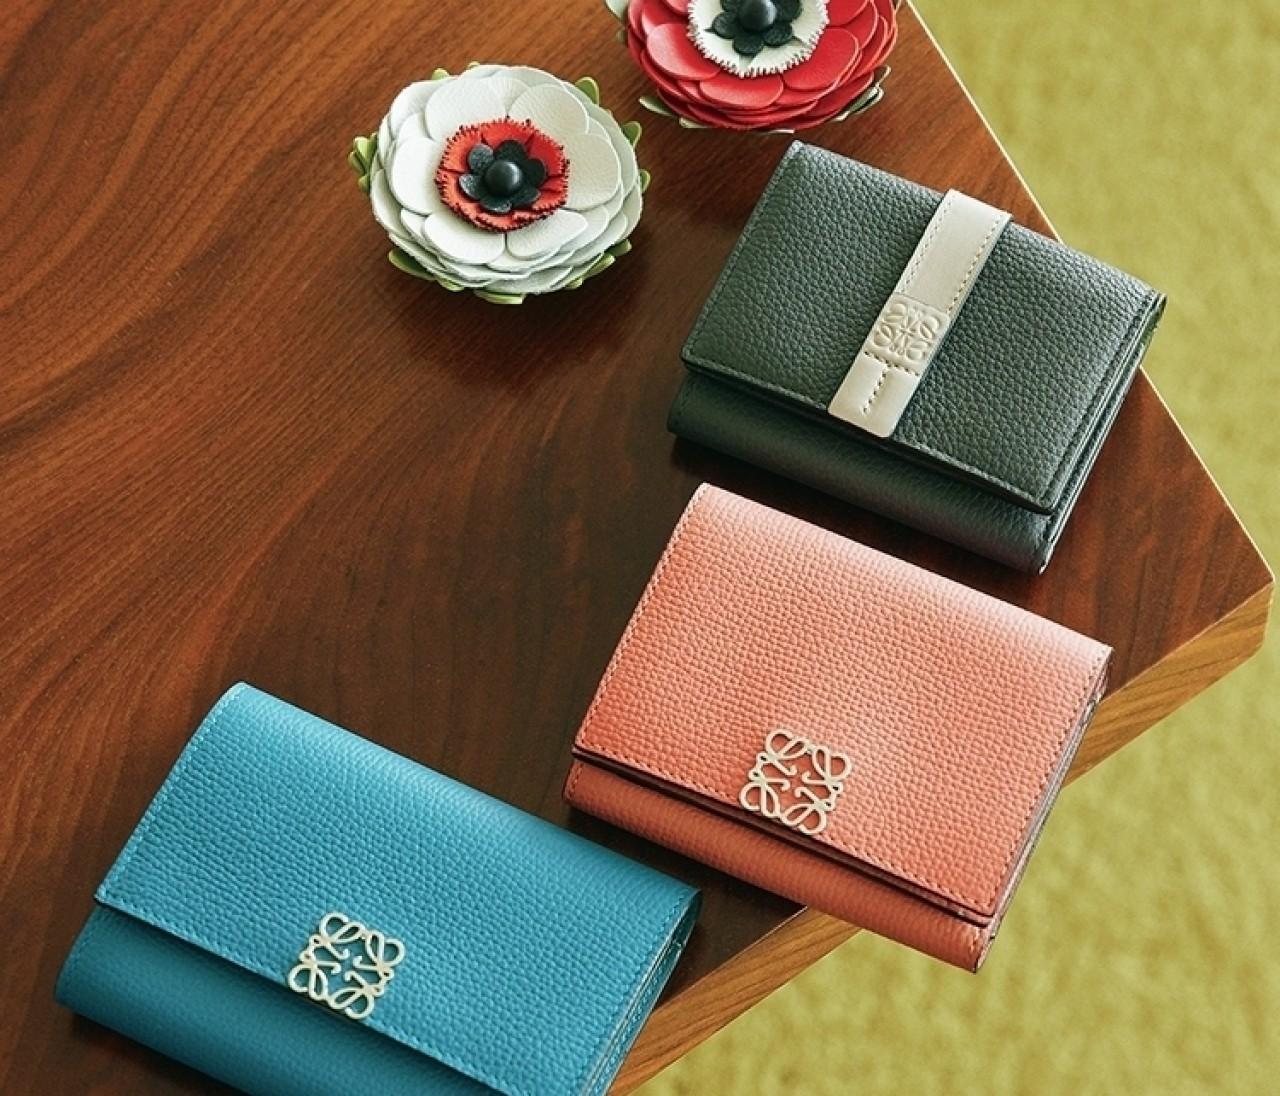 【ロエベ】ミニ財布3種&レザーのフラワーチャームで上質を実感!